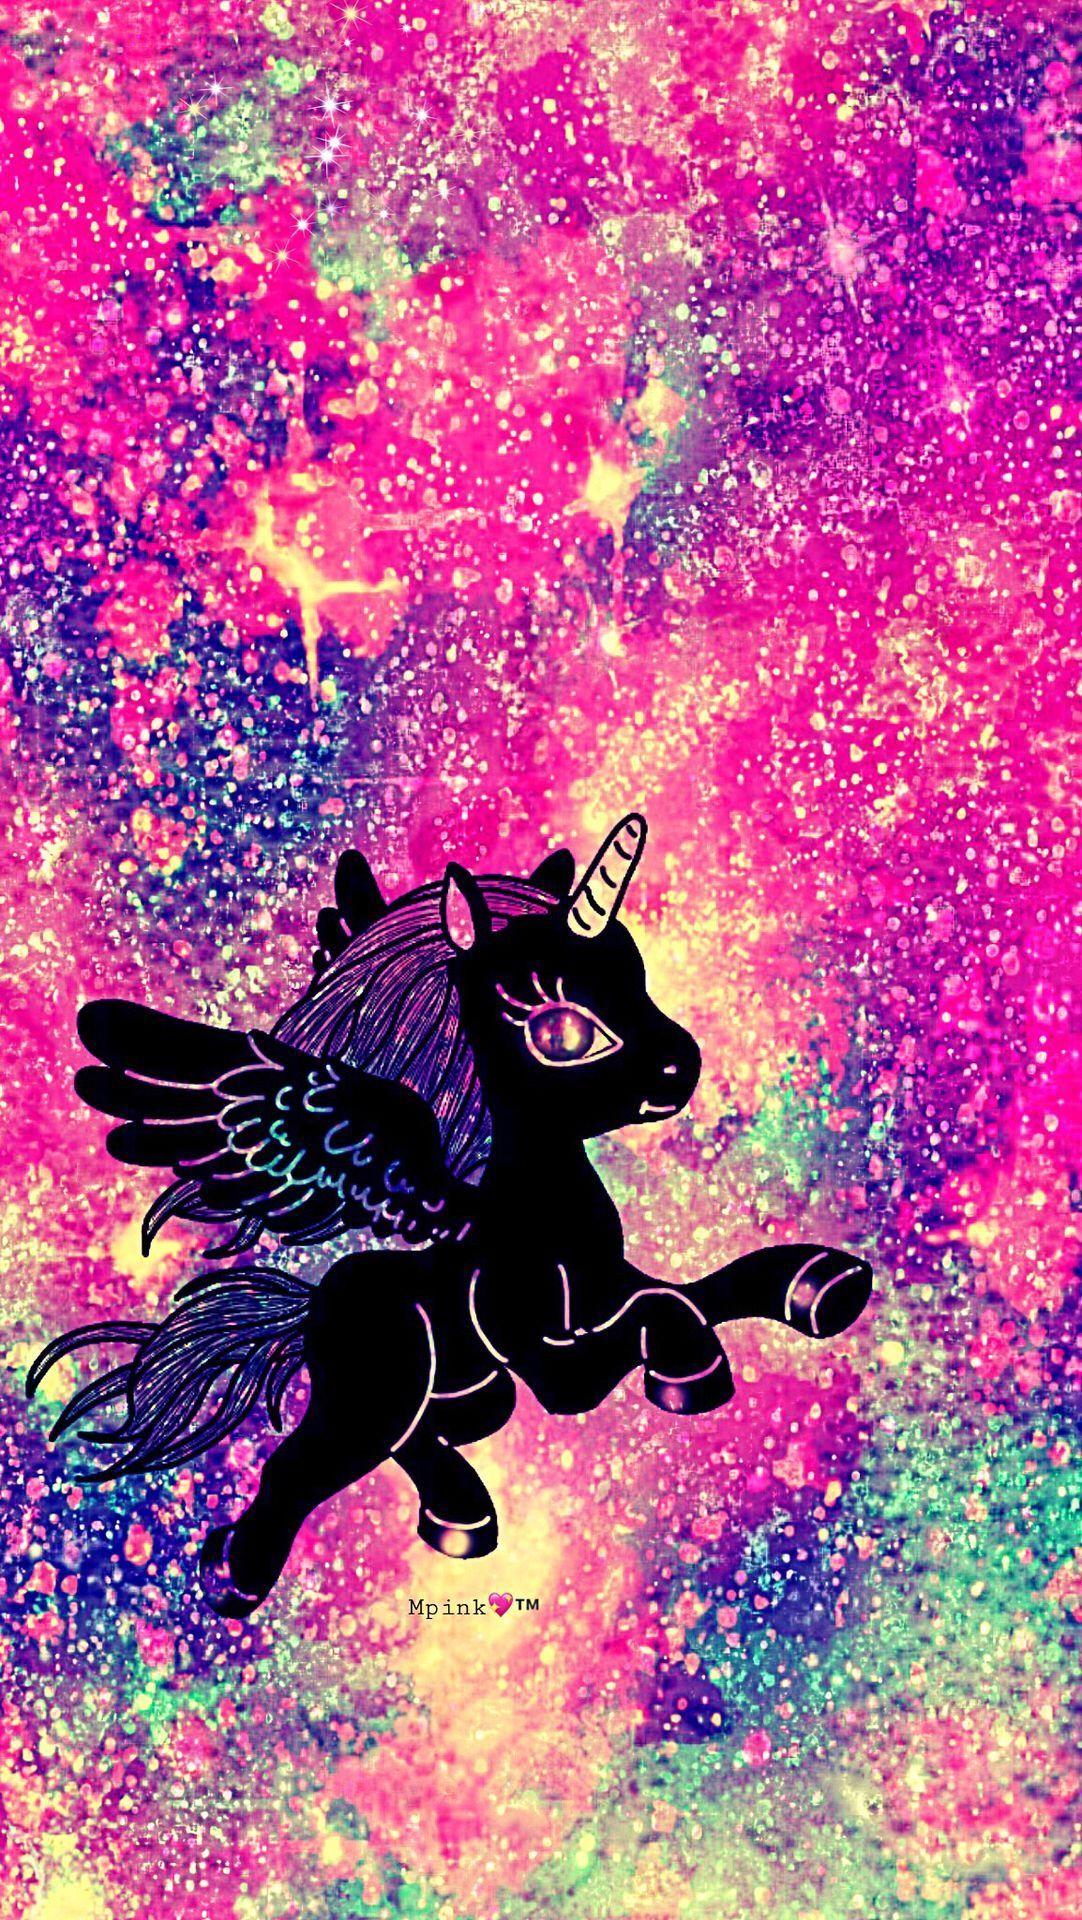 Glitter Rainbow Iphone Wallpaper Ipcwallpapers Unicorn Wallpaper Pink Unicorn Wallpaper Unicorn Wallpaper Cute